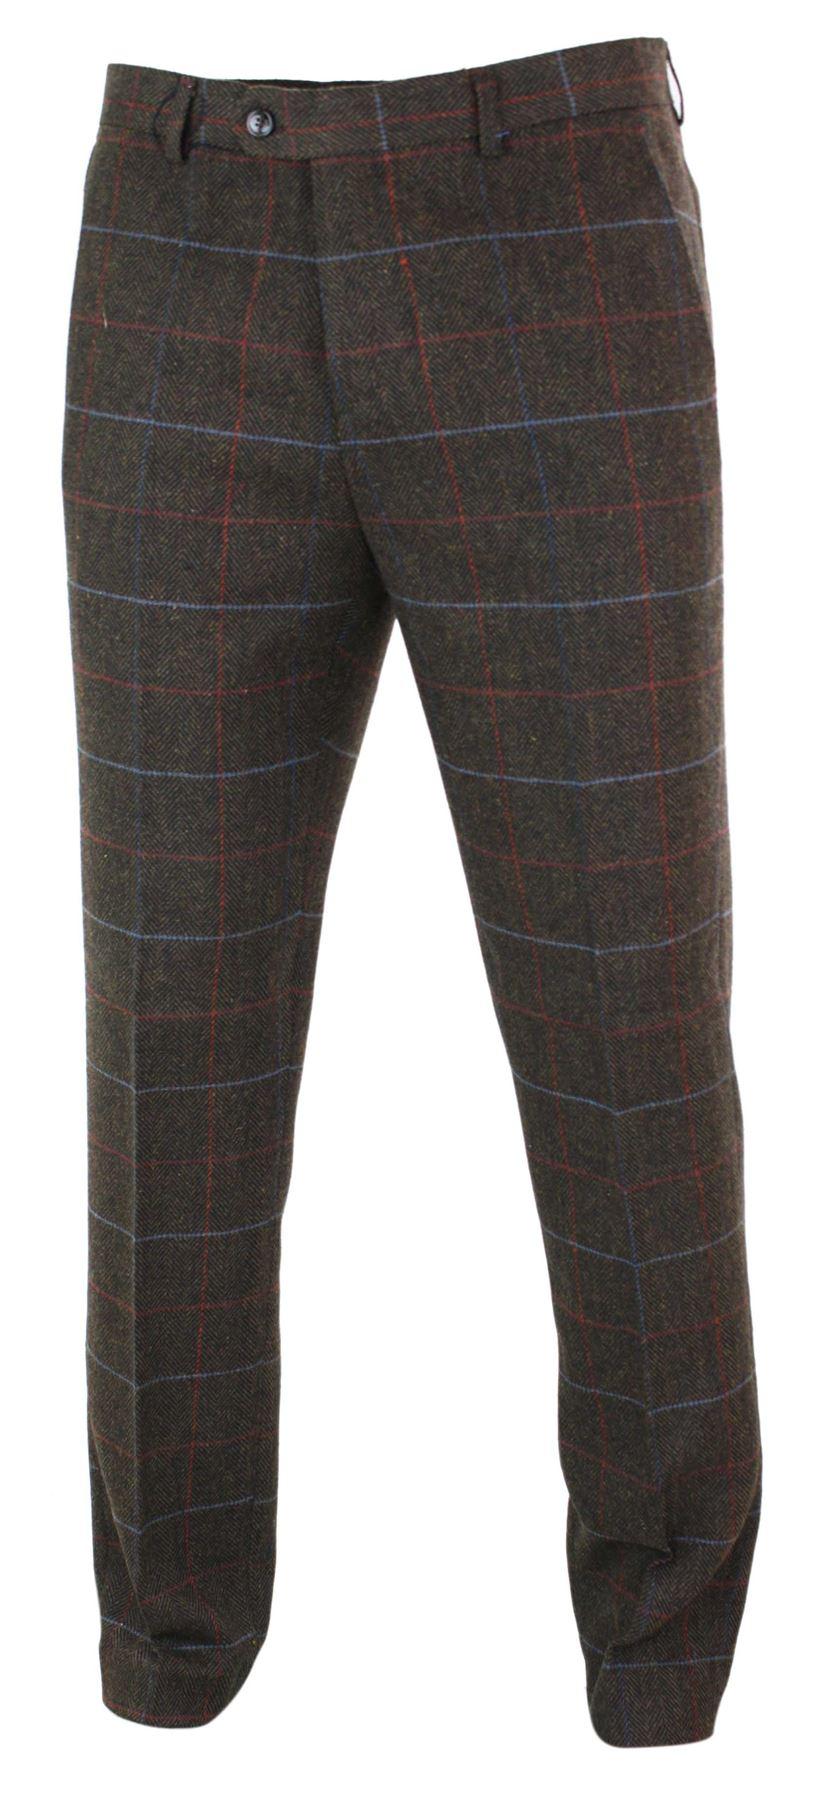 Mens-Herringbone-Tweed-Check-Peaky-Blinders-Trousers-Wool-Vintage-Classic-Retro thumbnail 20